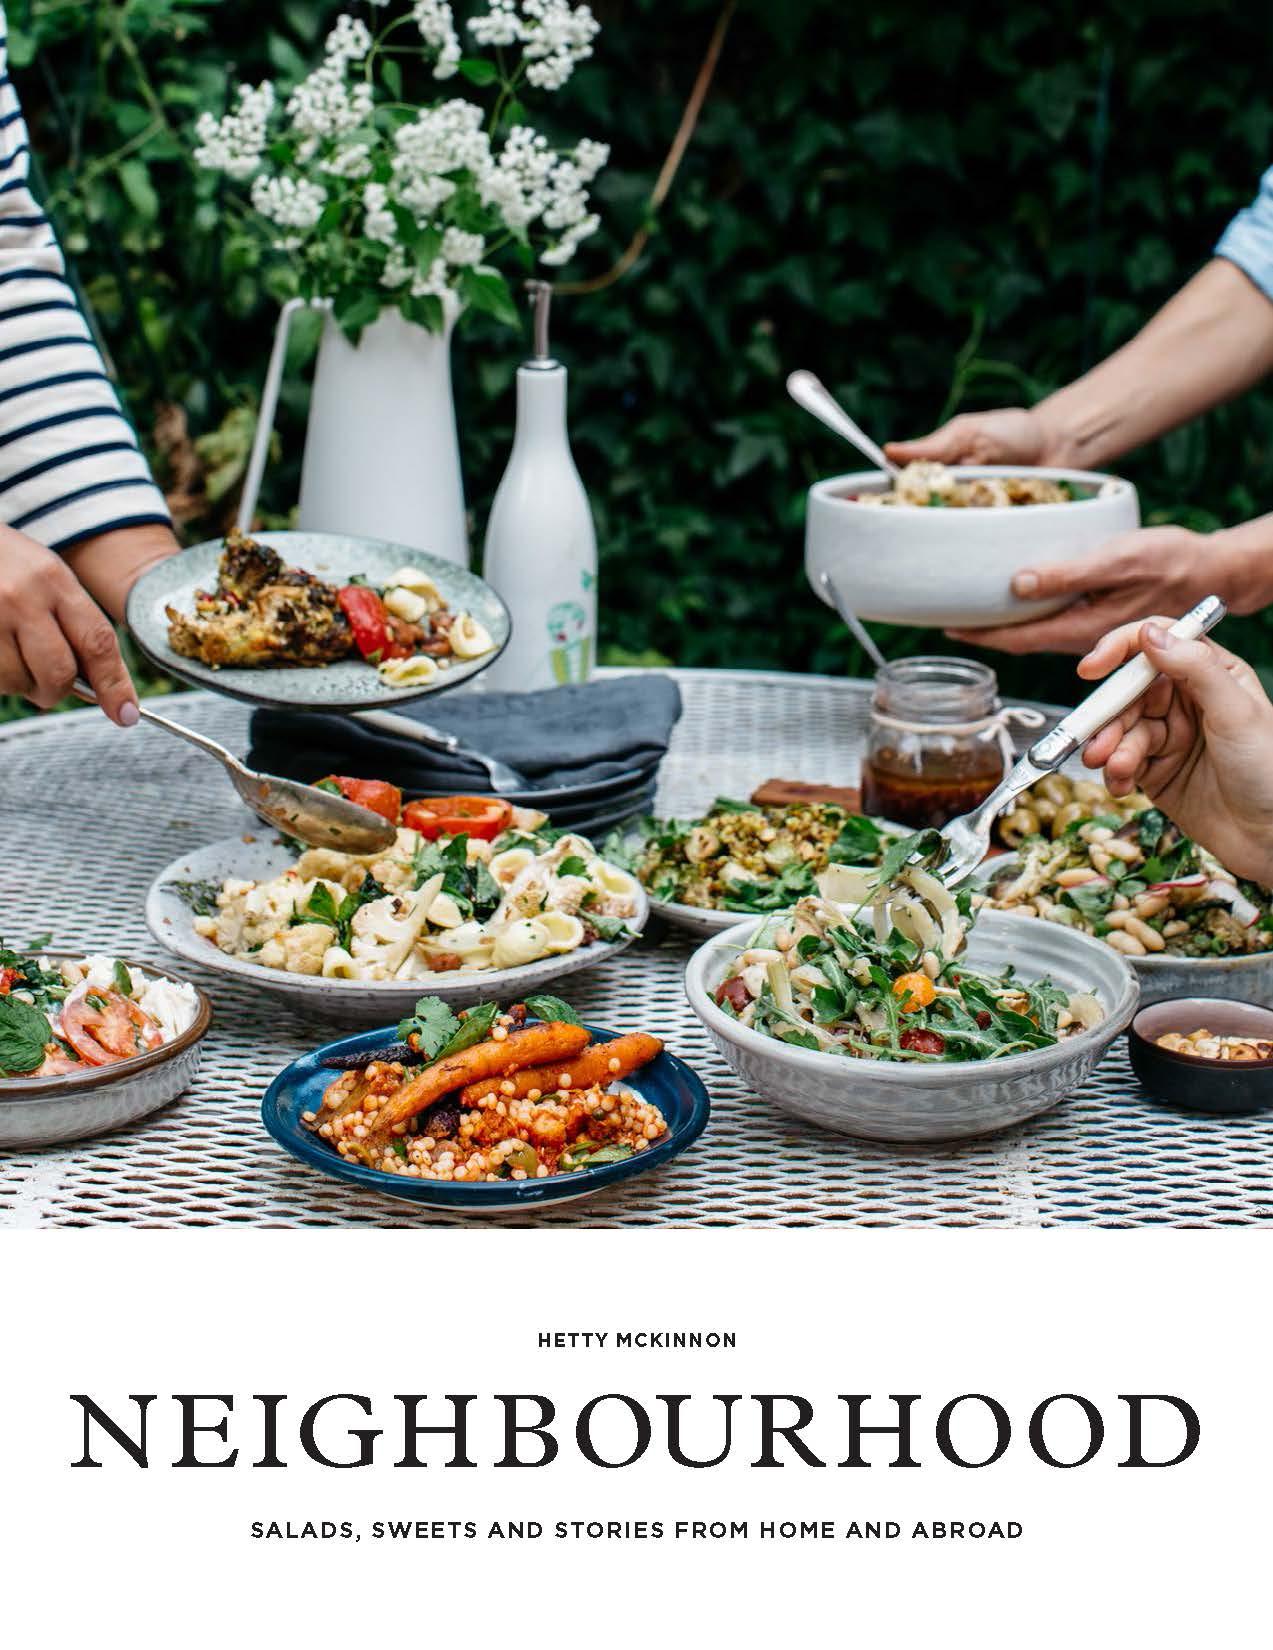 Neighbourhoodby Hetty McKinnon